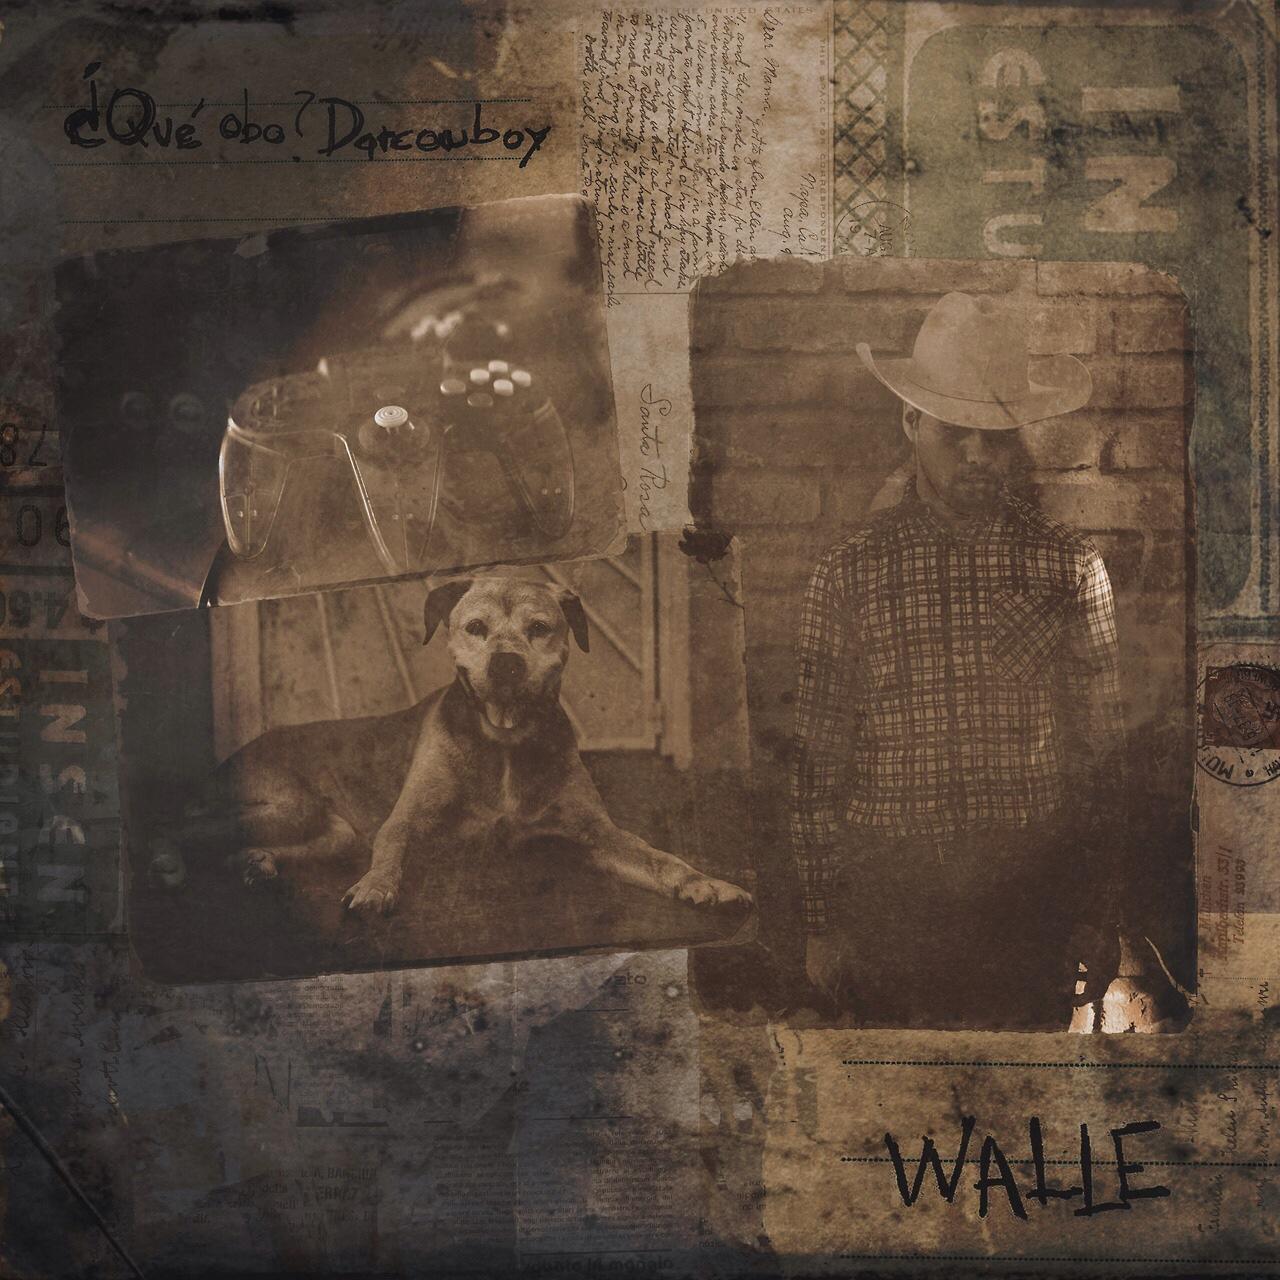 WALLE – ¿Qué Obo? Darcowboy LP … ESN022